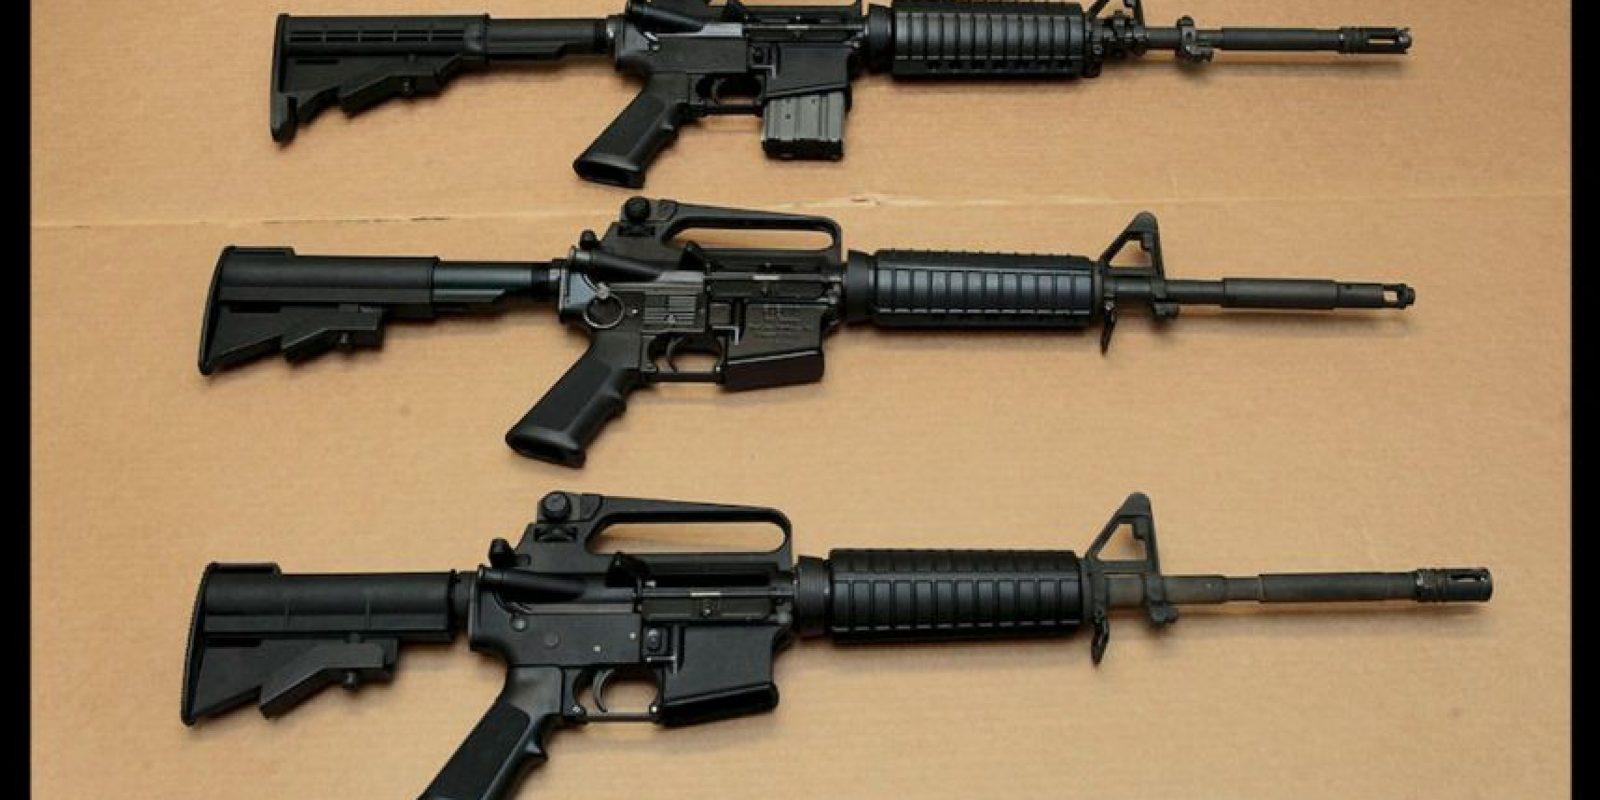 El rifle AR-15 es el arma que Mateen utilizó para acabar con la vida de 50 personas y herir a 53. Foto:AP. Imagen Por: